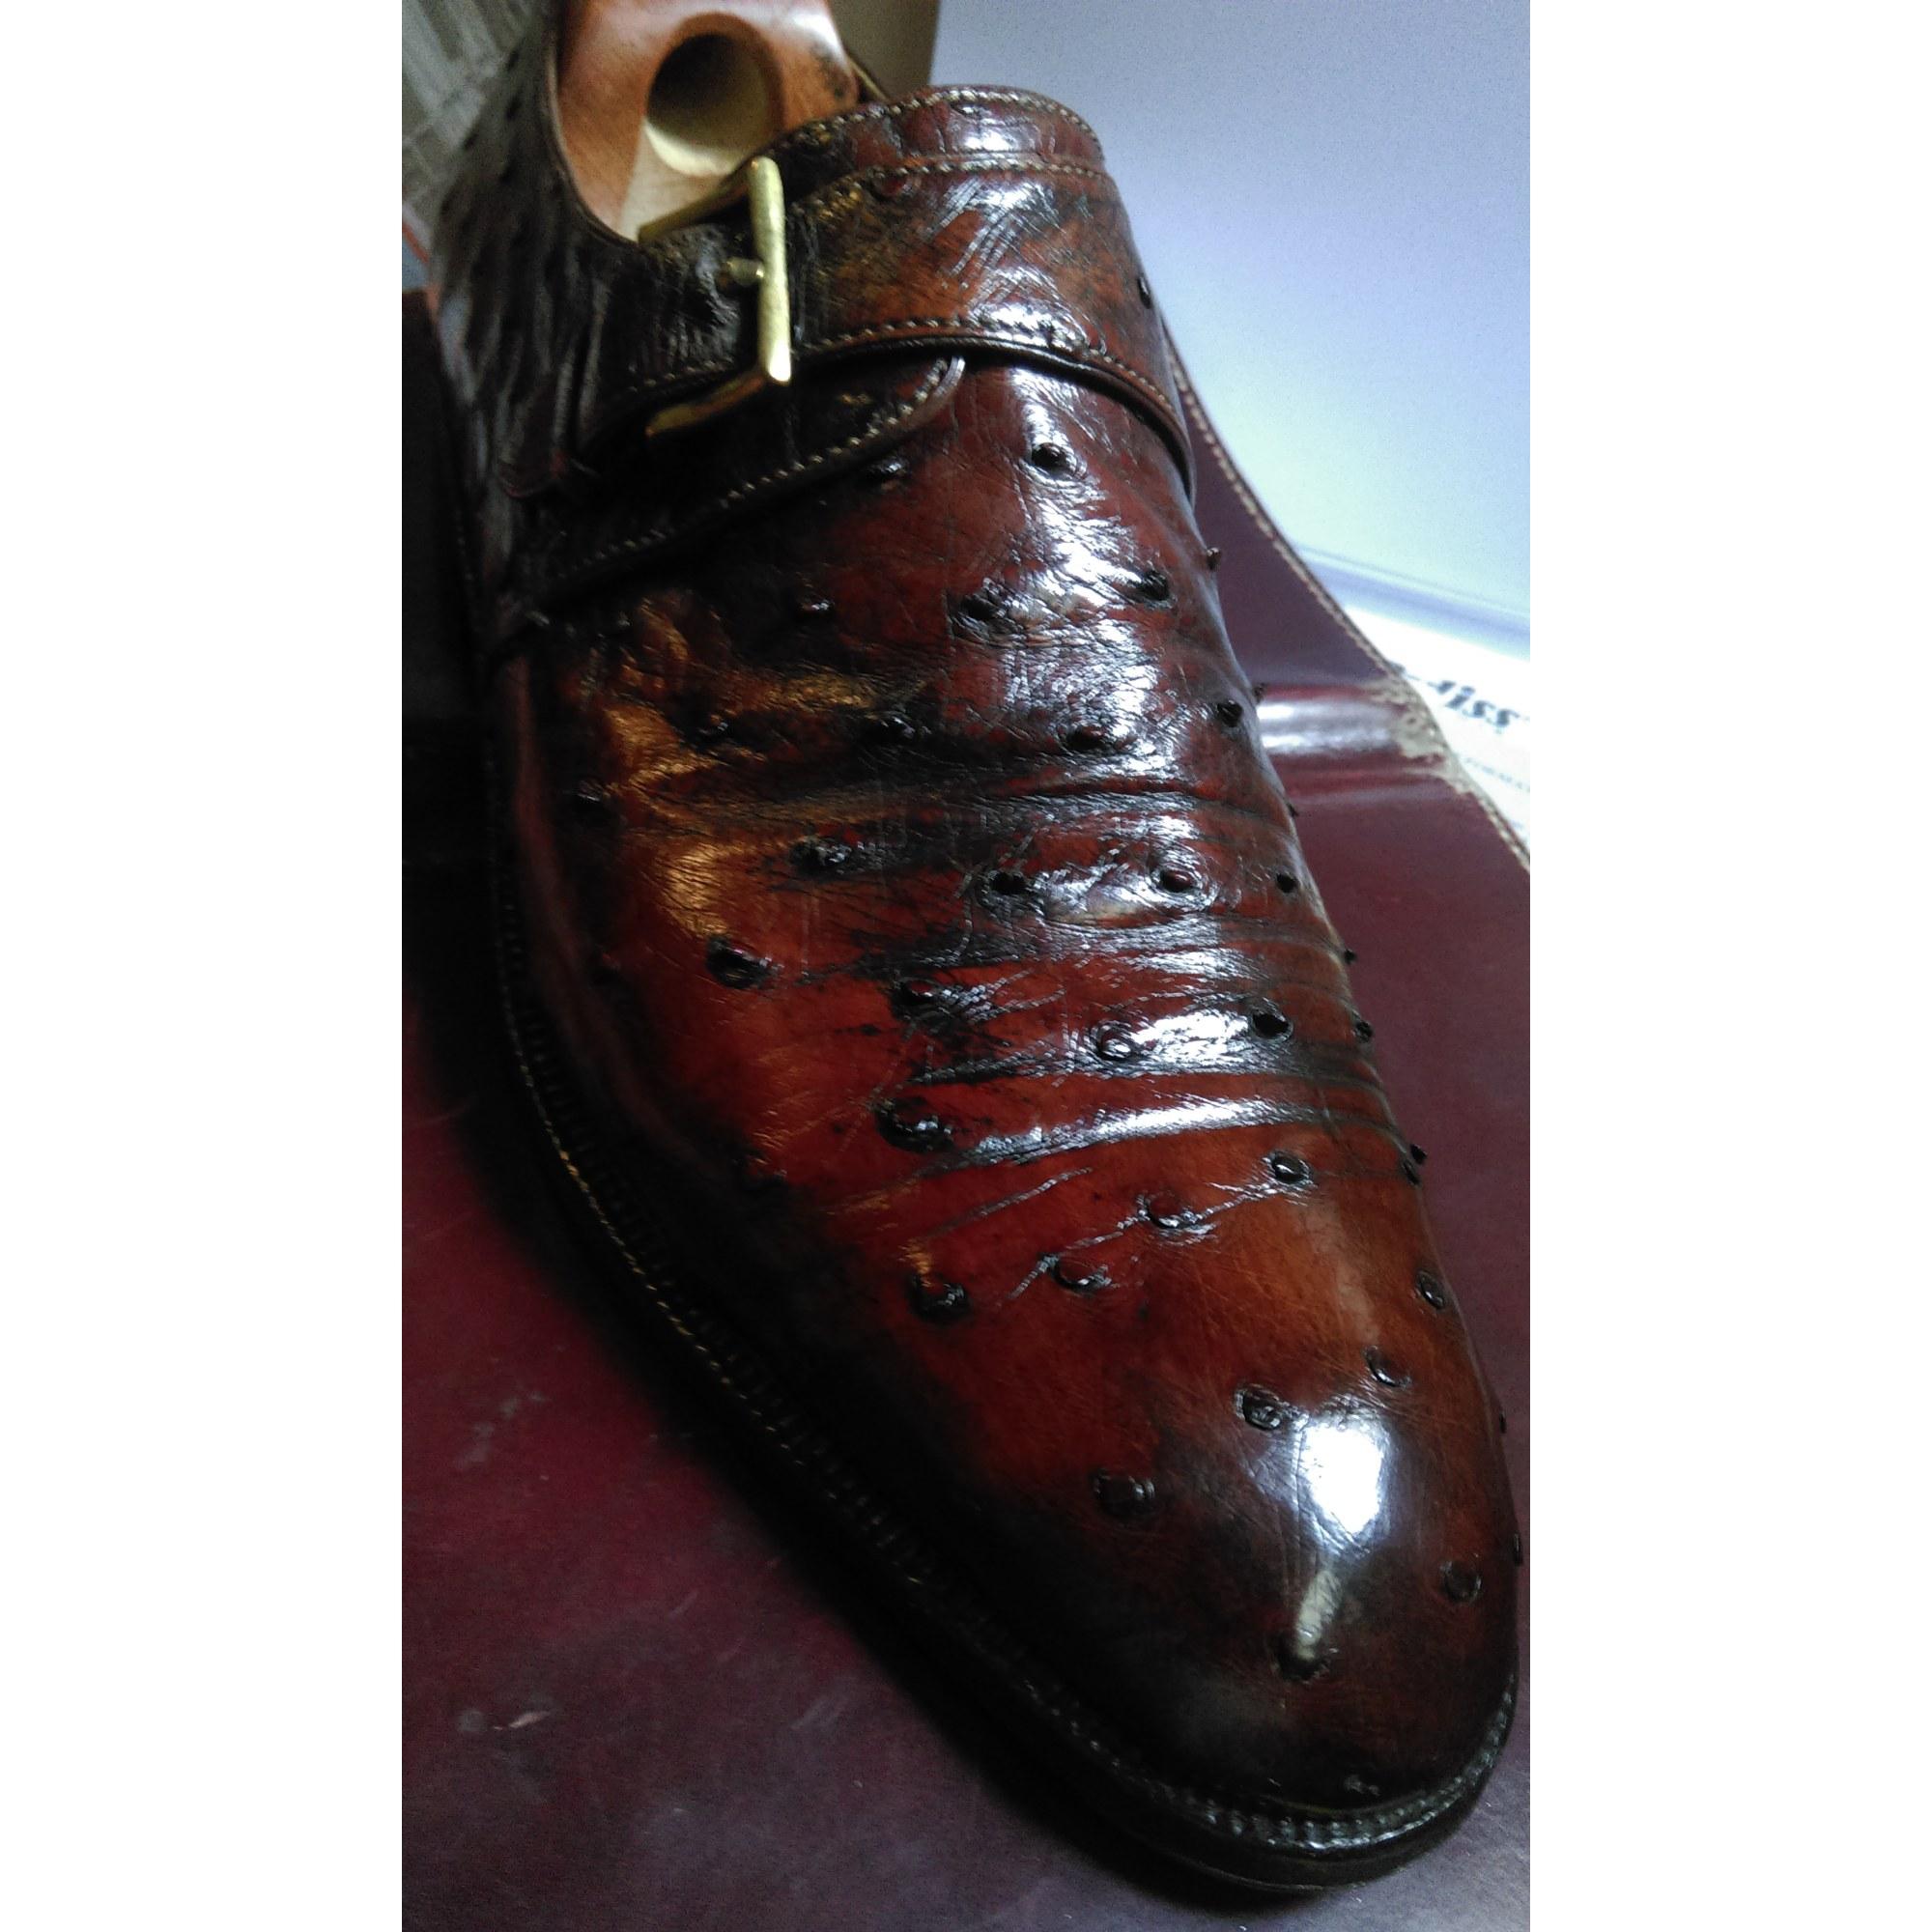 07f3d2f2474a78 Chaussures à boucles JOHN LOBB MESURE 43 marron vendu par Pierre ...